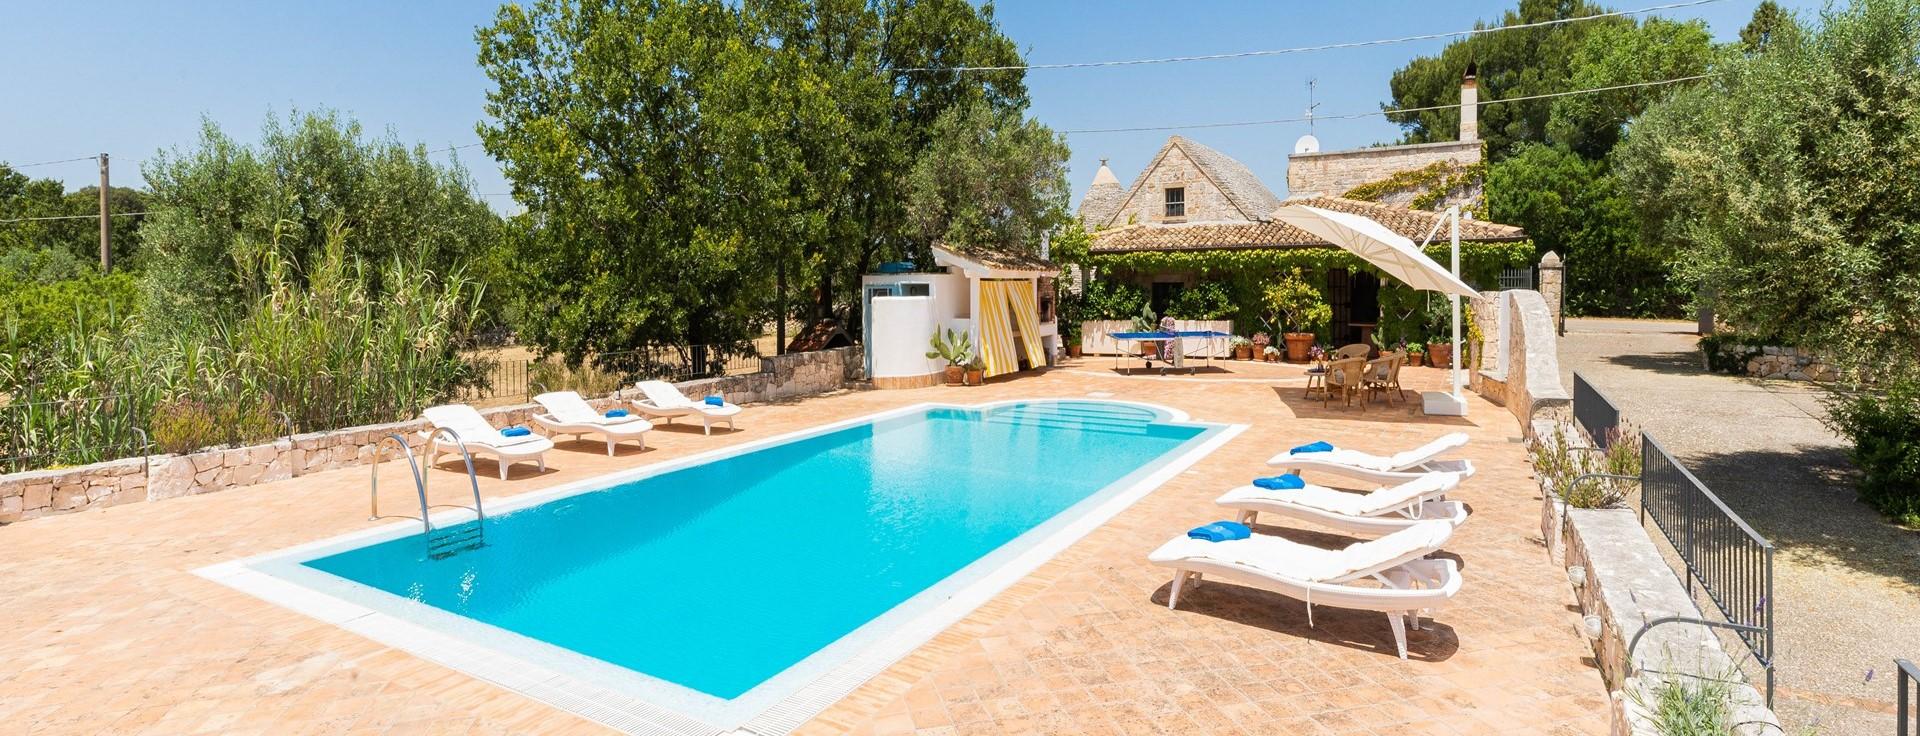 luxury-3-bedroom-villa-puglia